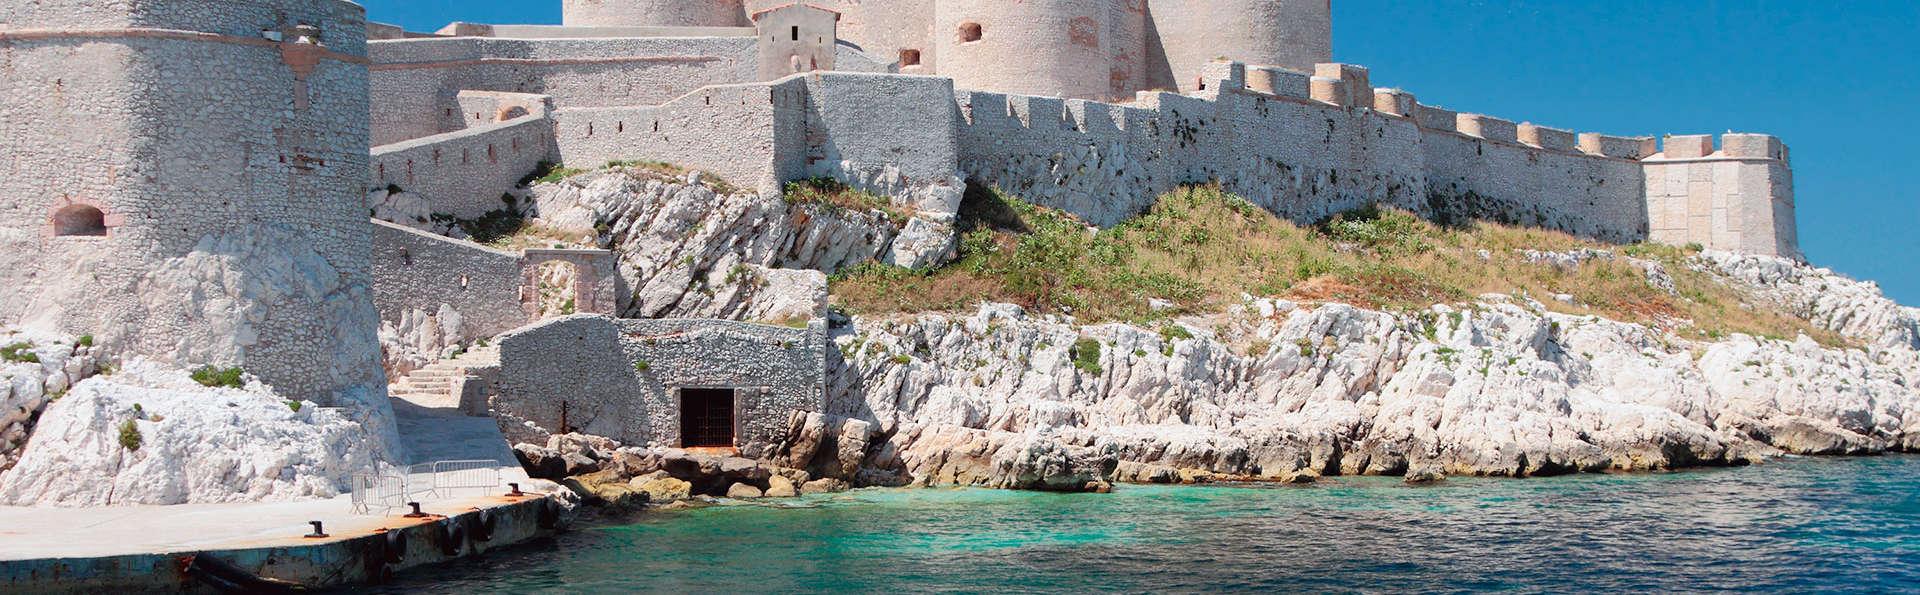 Week-end à Marseille avec billets pour le château d'If